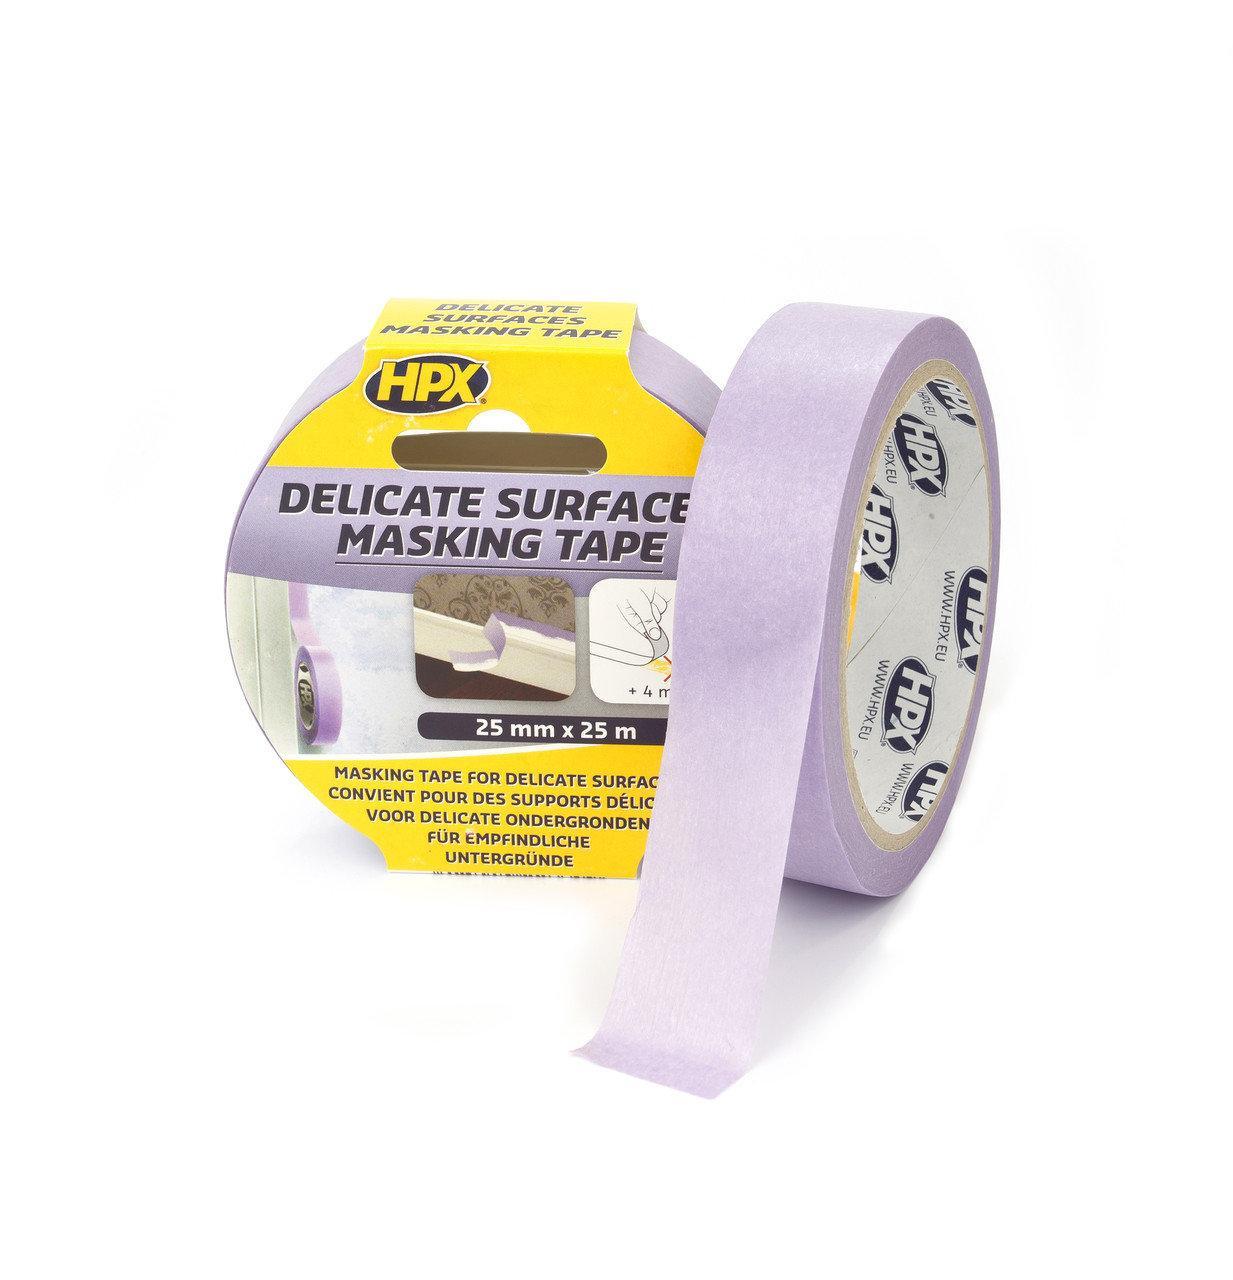 Маскирующая малярная лента для деликатных поверхностей - HPX 4800 25мм.х25м. (SR2525)